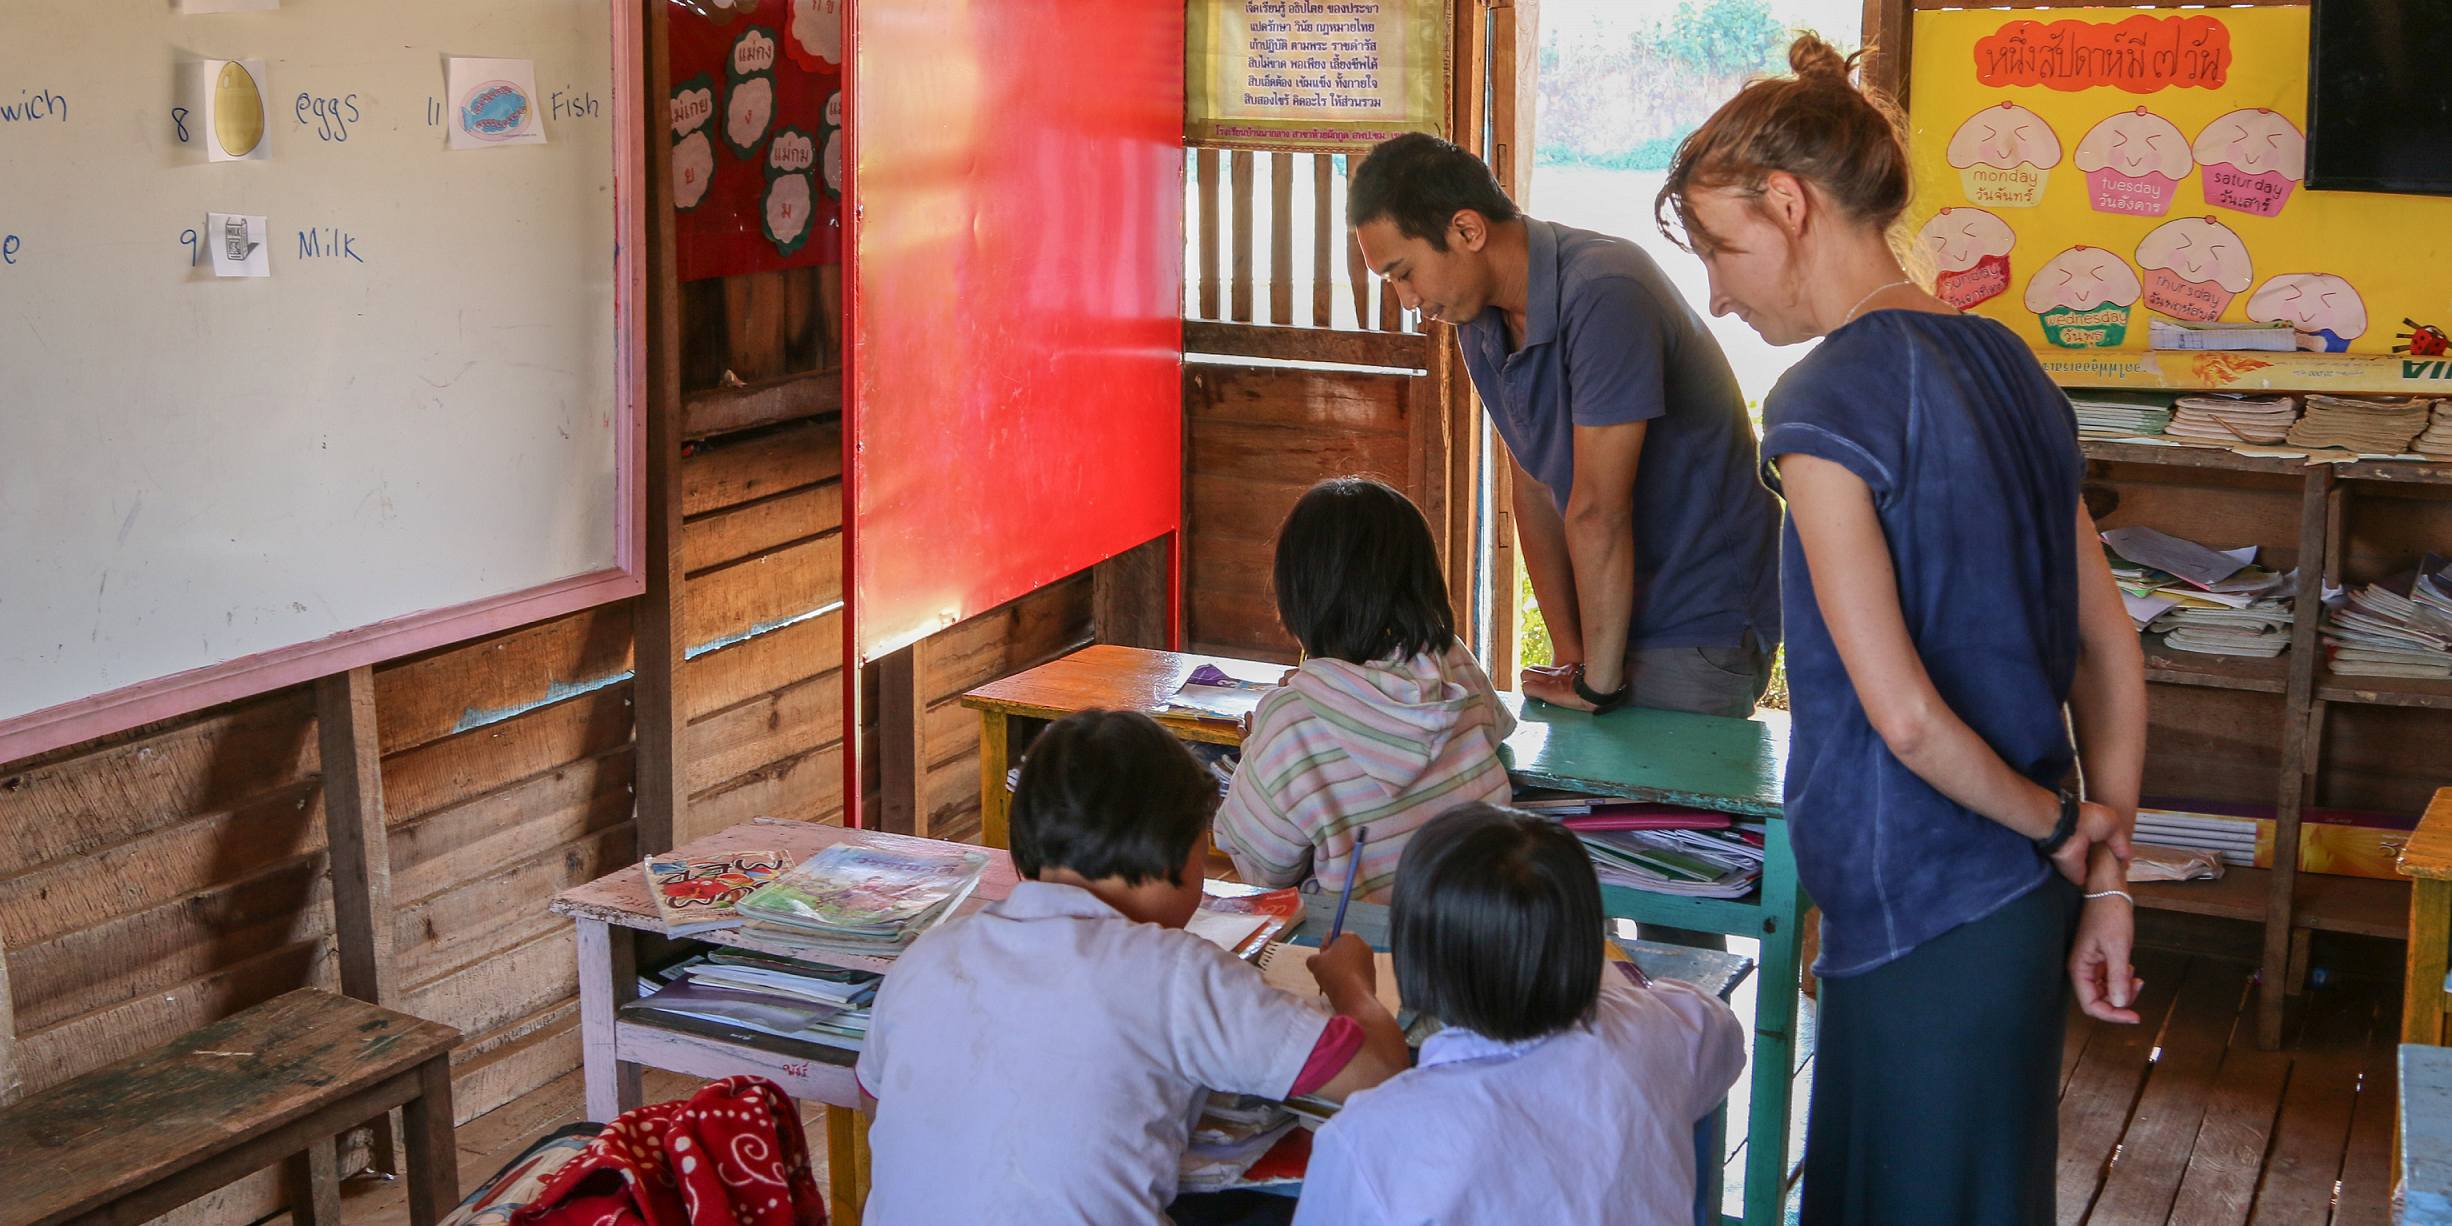 volunteer work with children